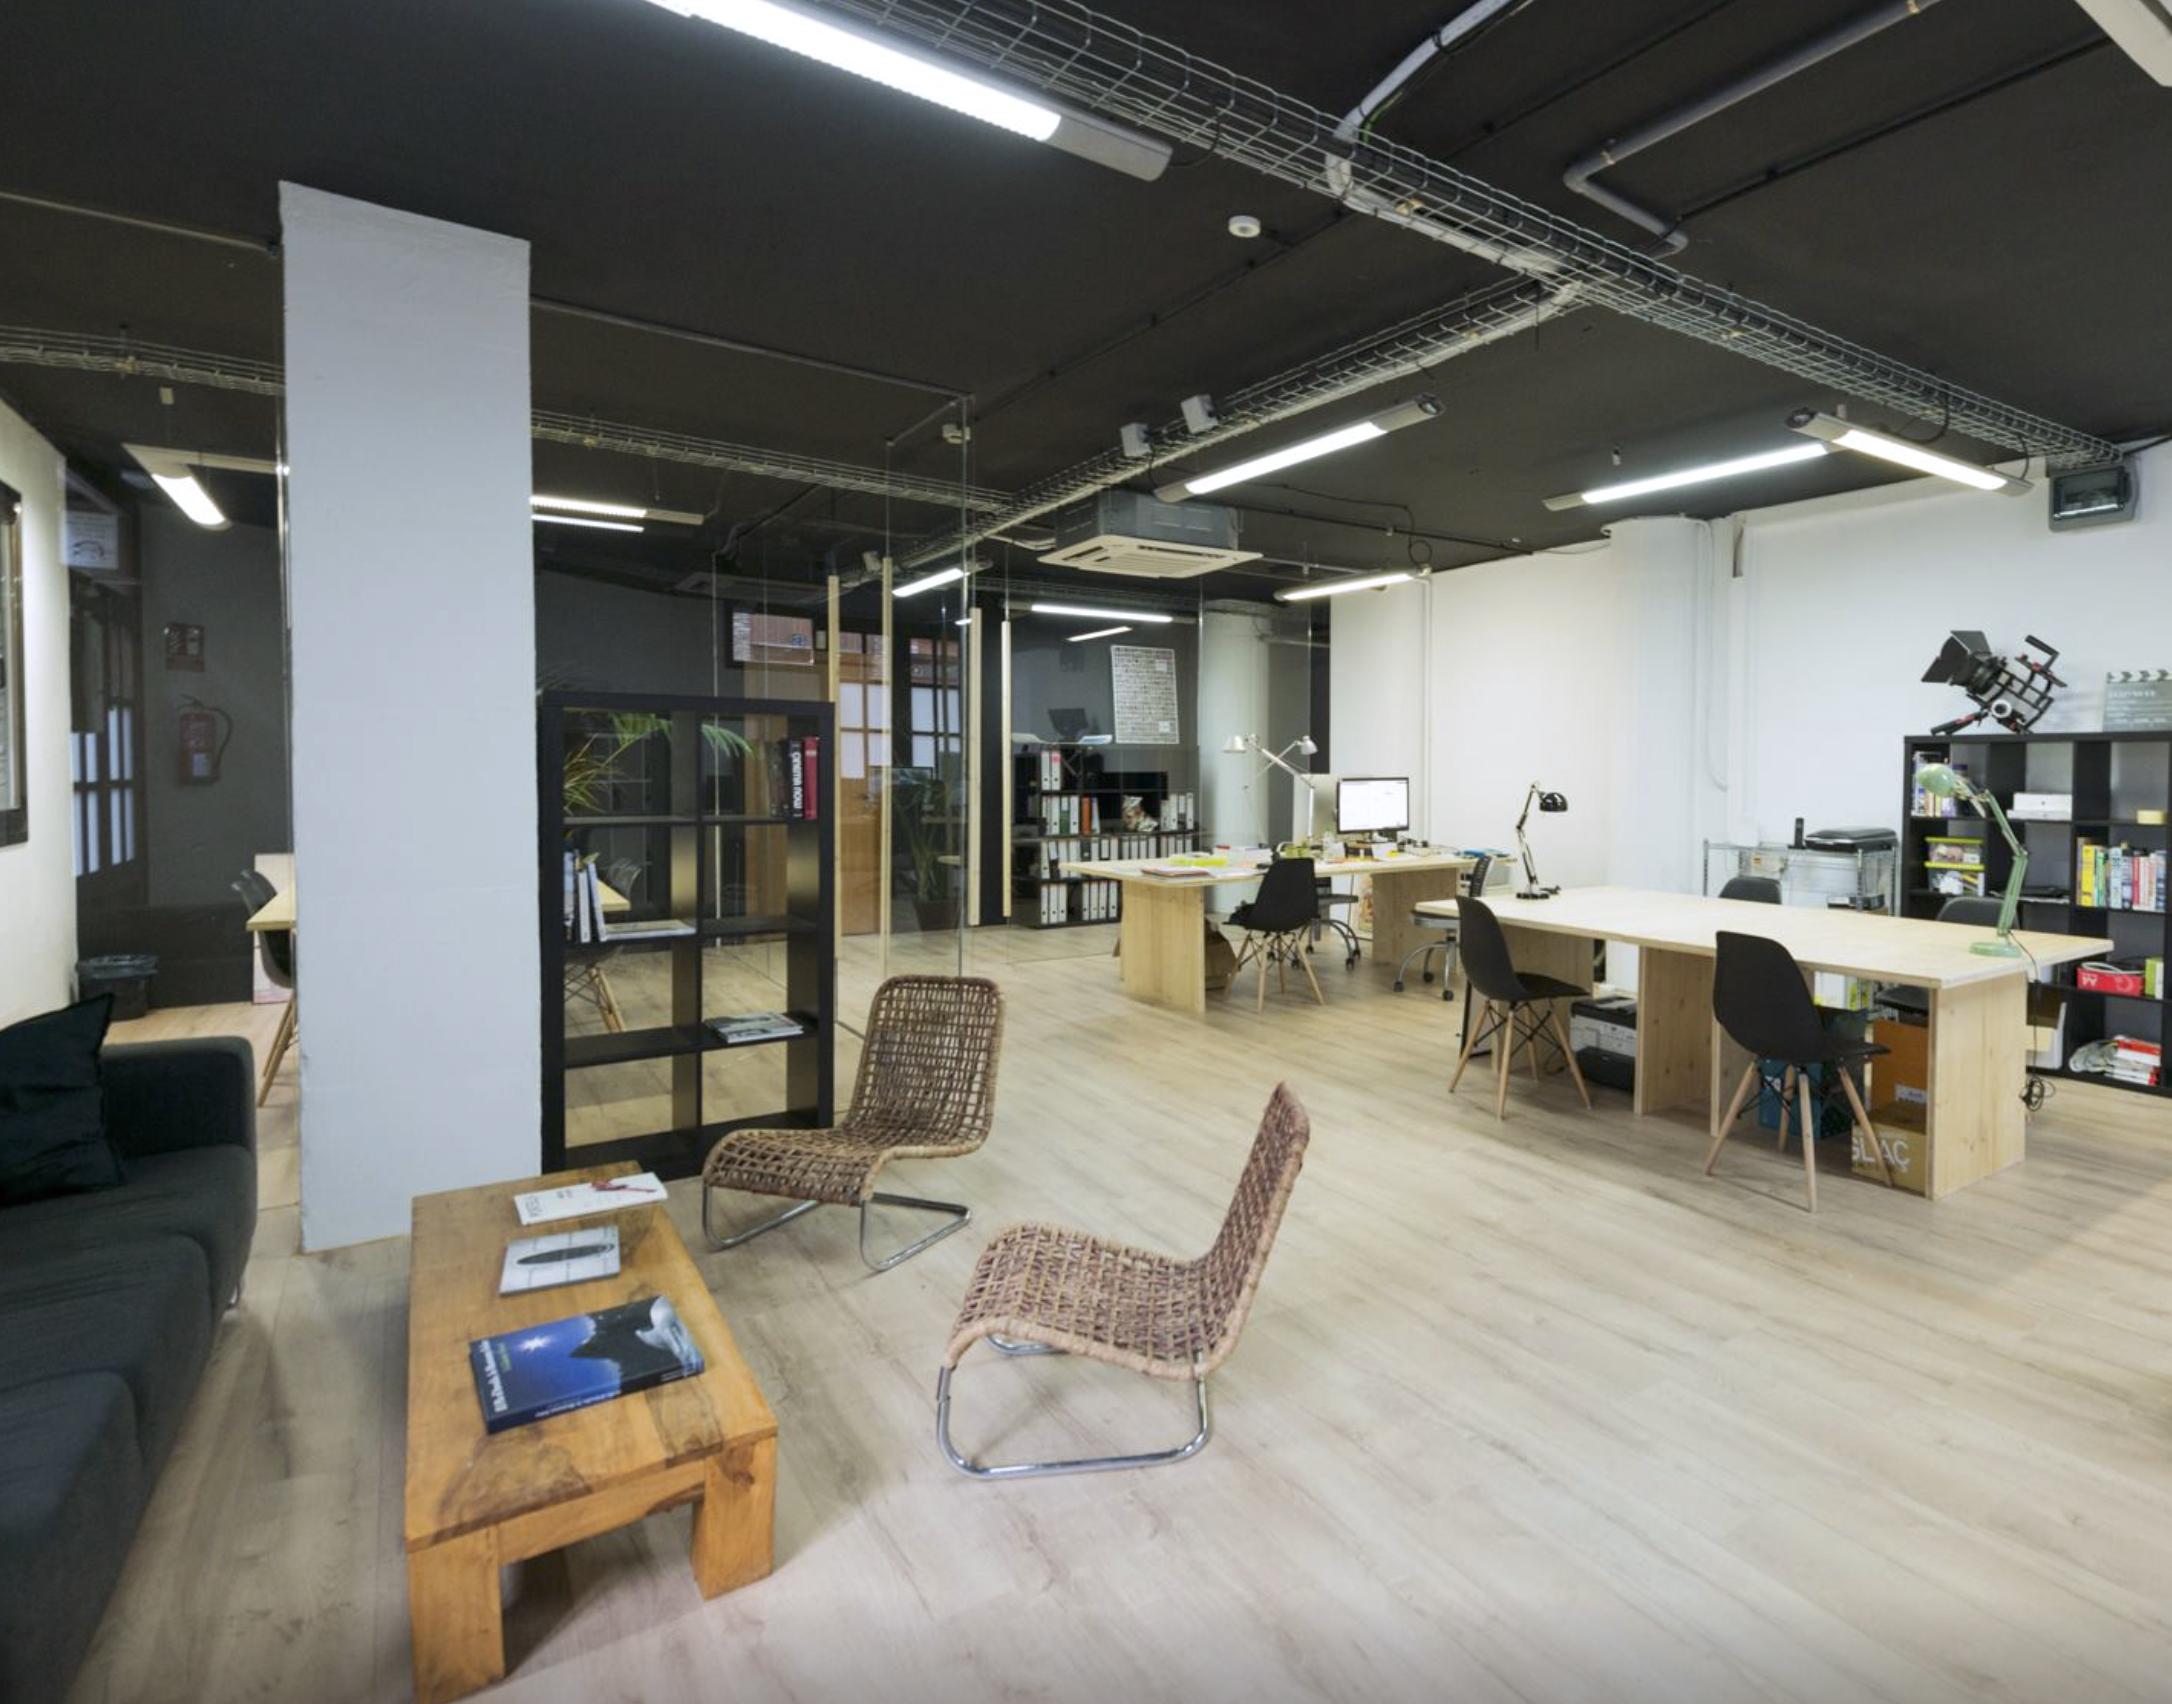 Office:  C/ els Marginets nº3, AD500, Andorra la Vella.